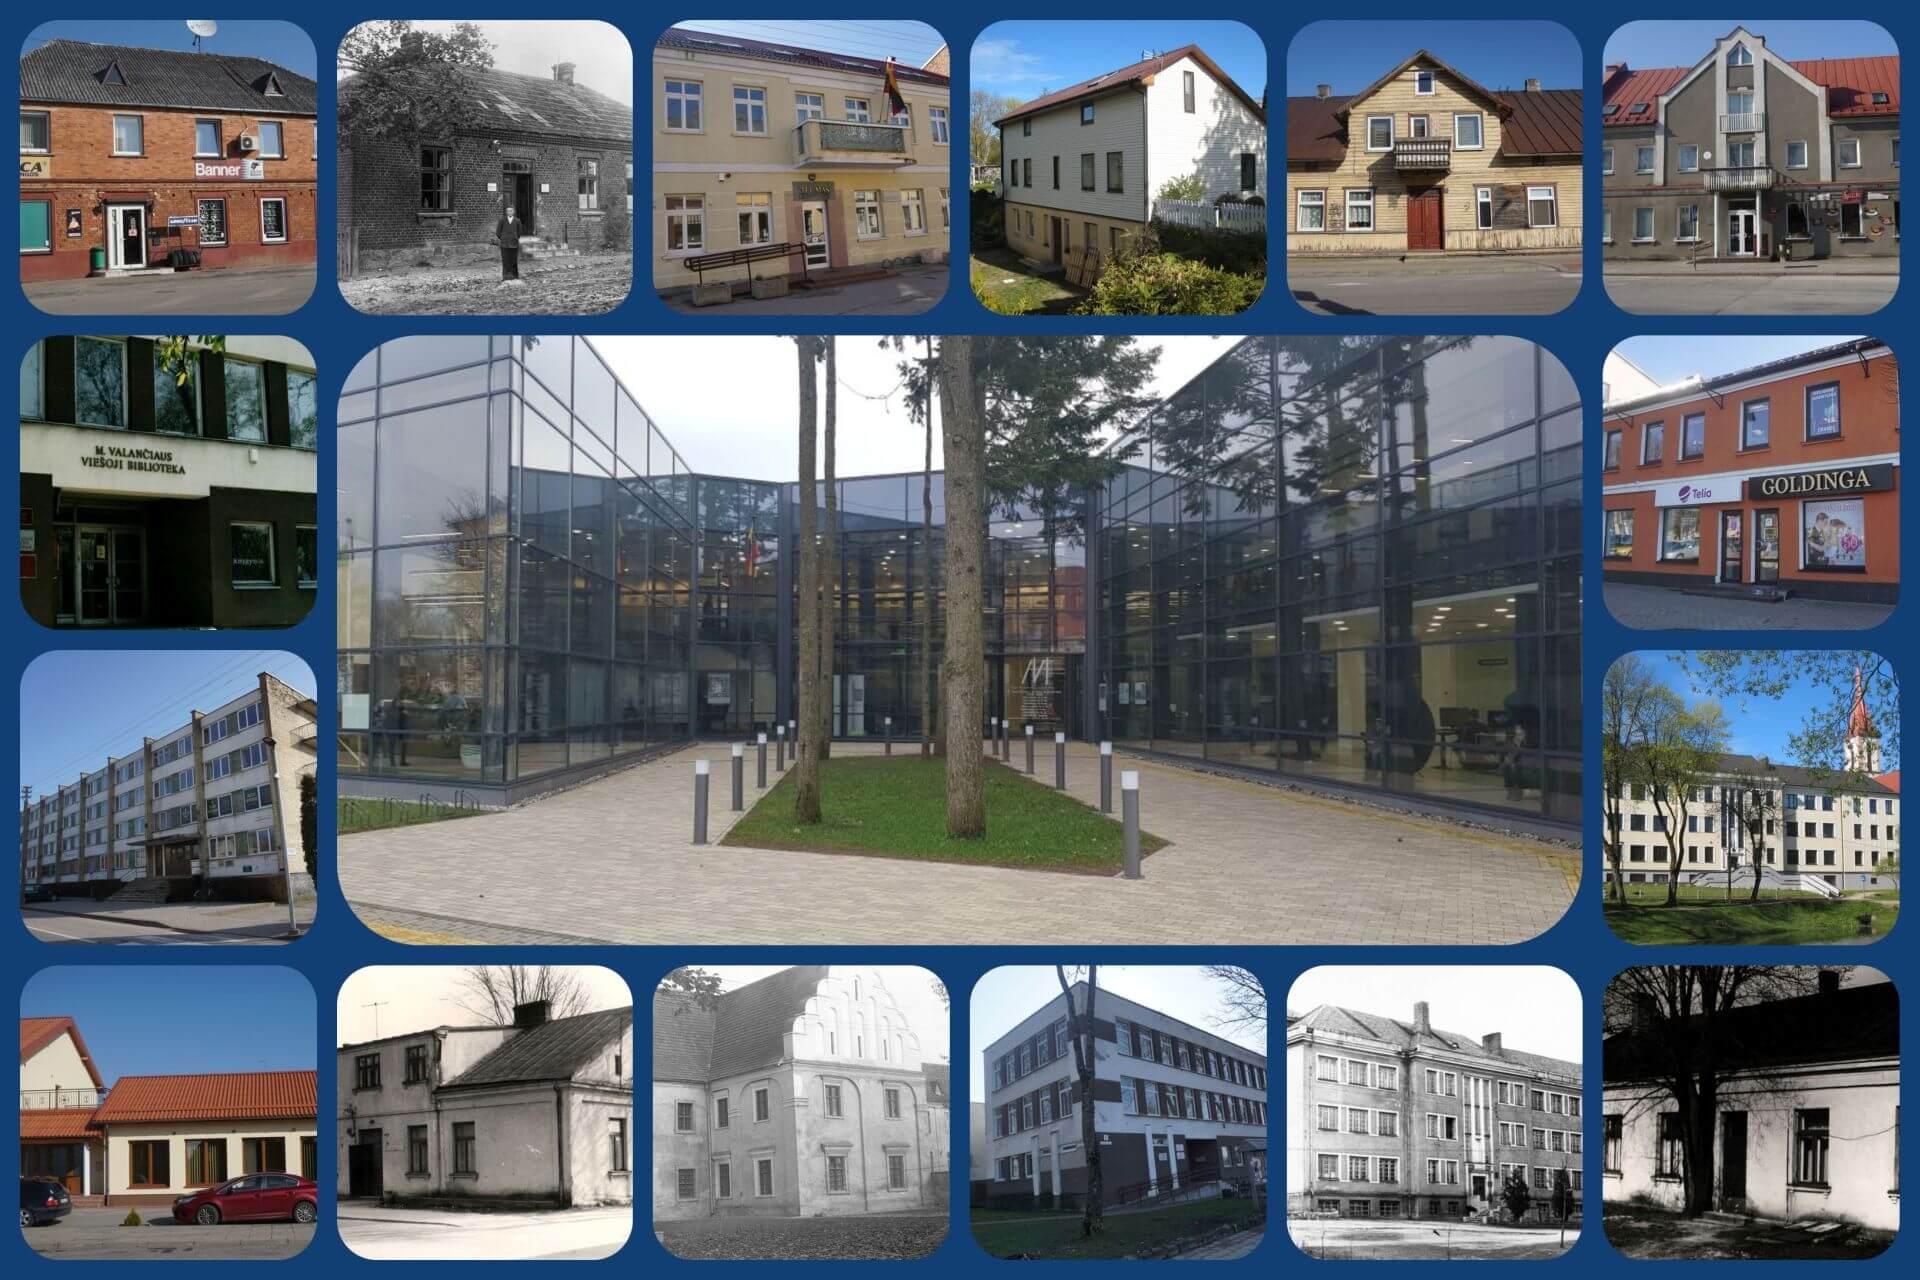 Pastatai, kuriuose veikė Kretingos rajono savivaldybės M. Valančiaus viešojo biblioteka